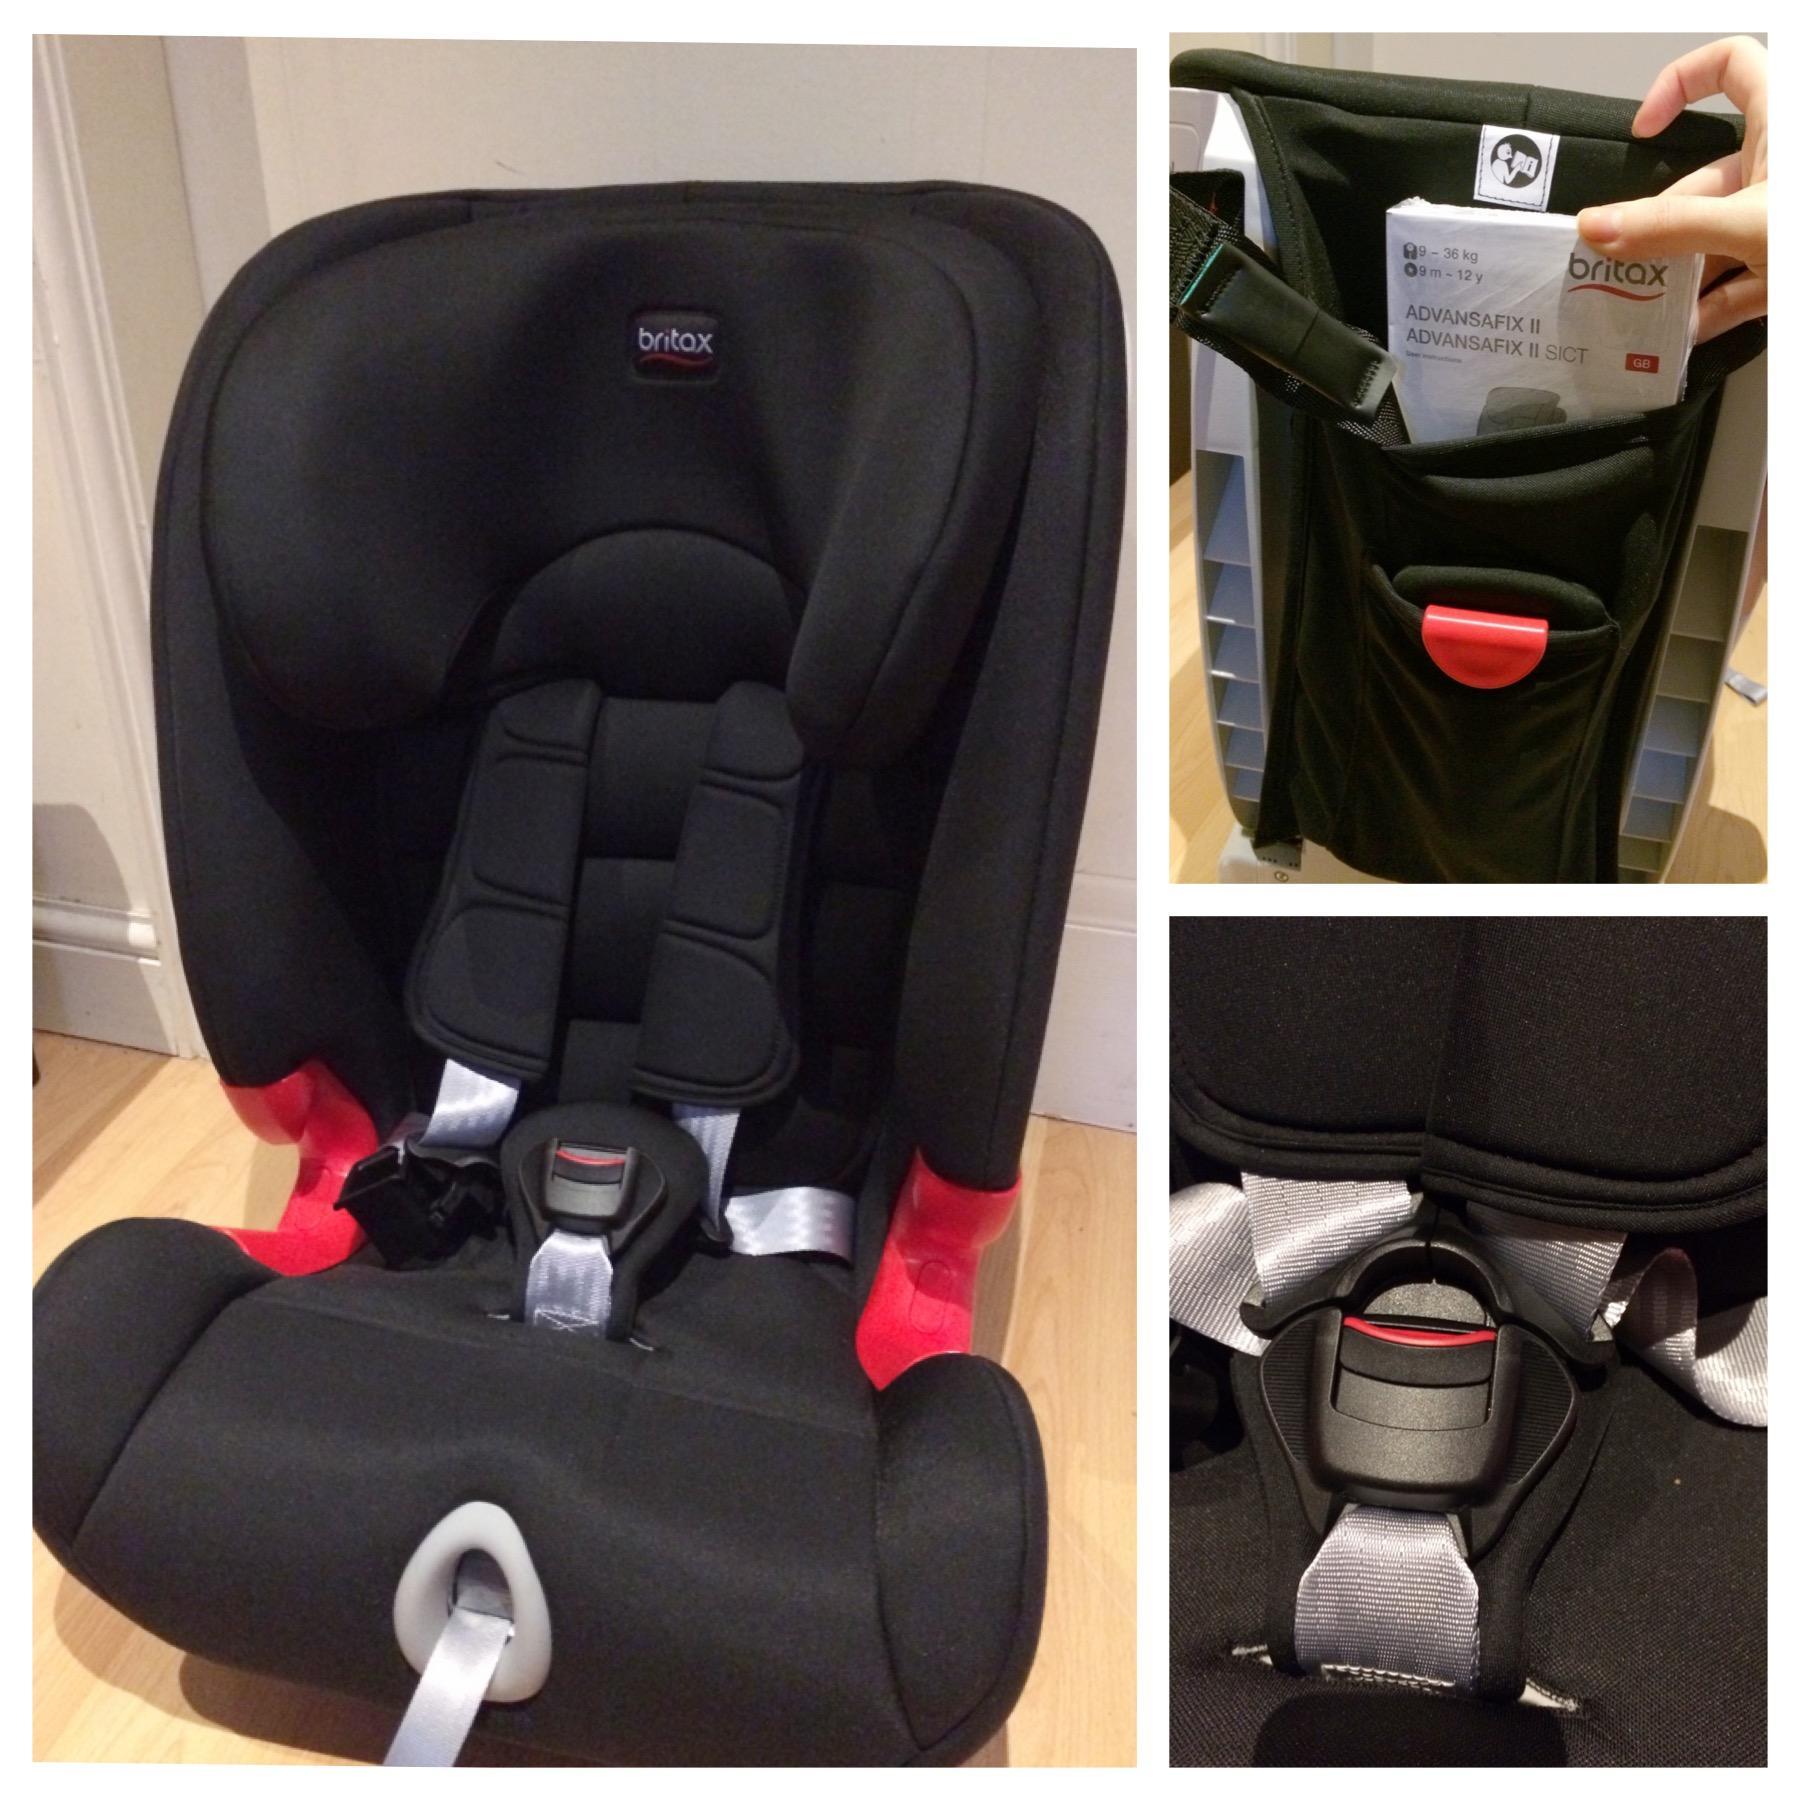 Britax Advansafix II SICT Car Seat Review